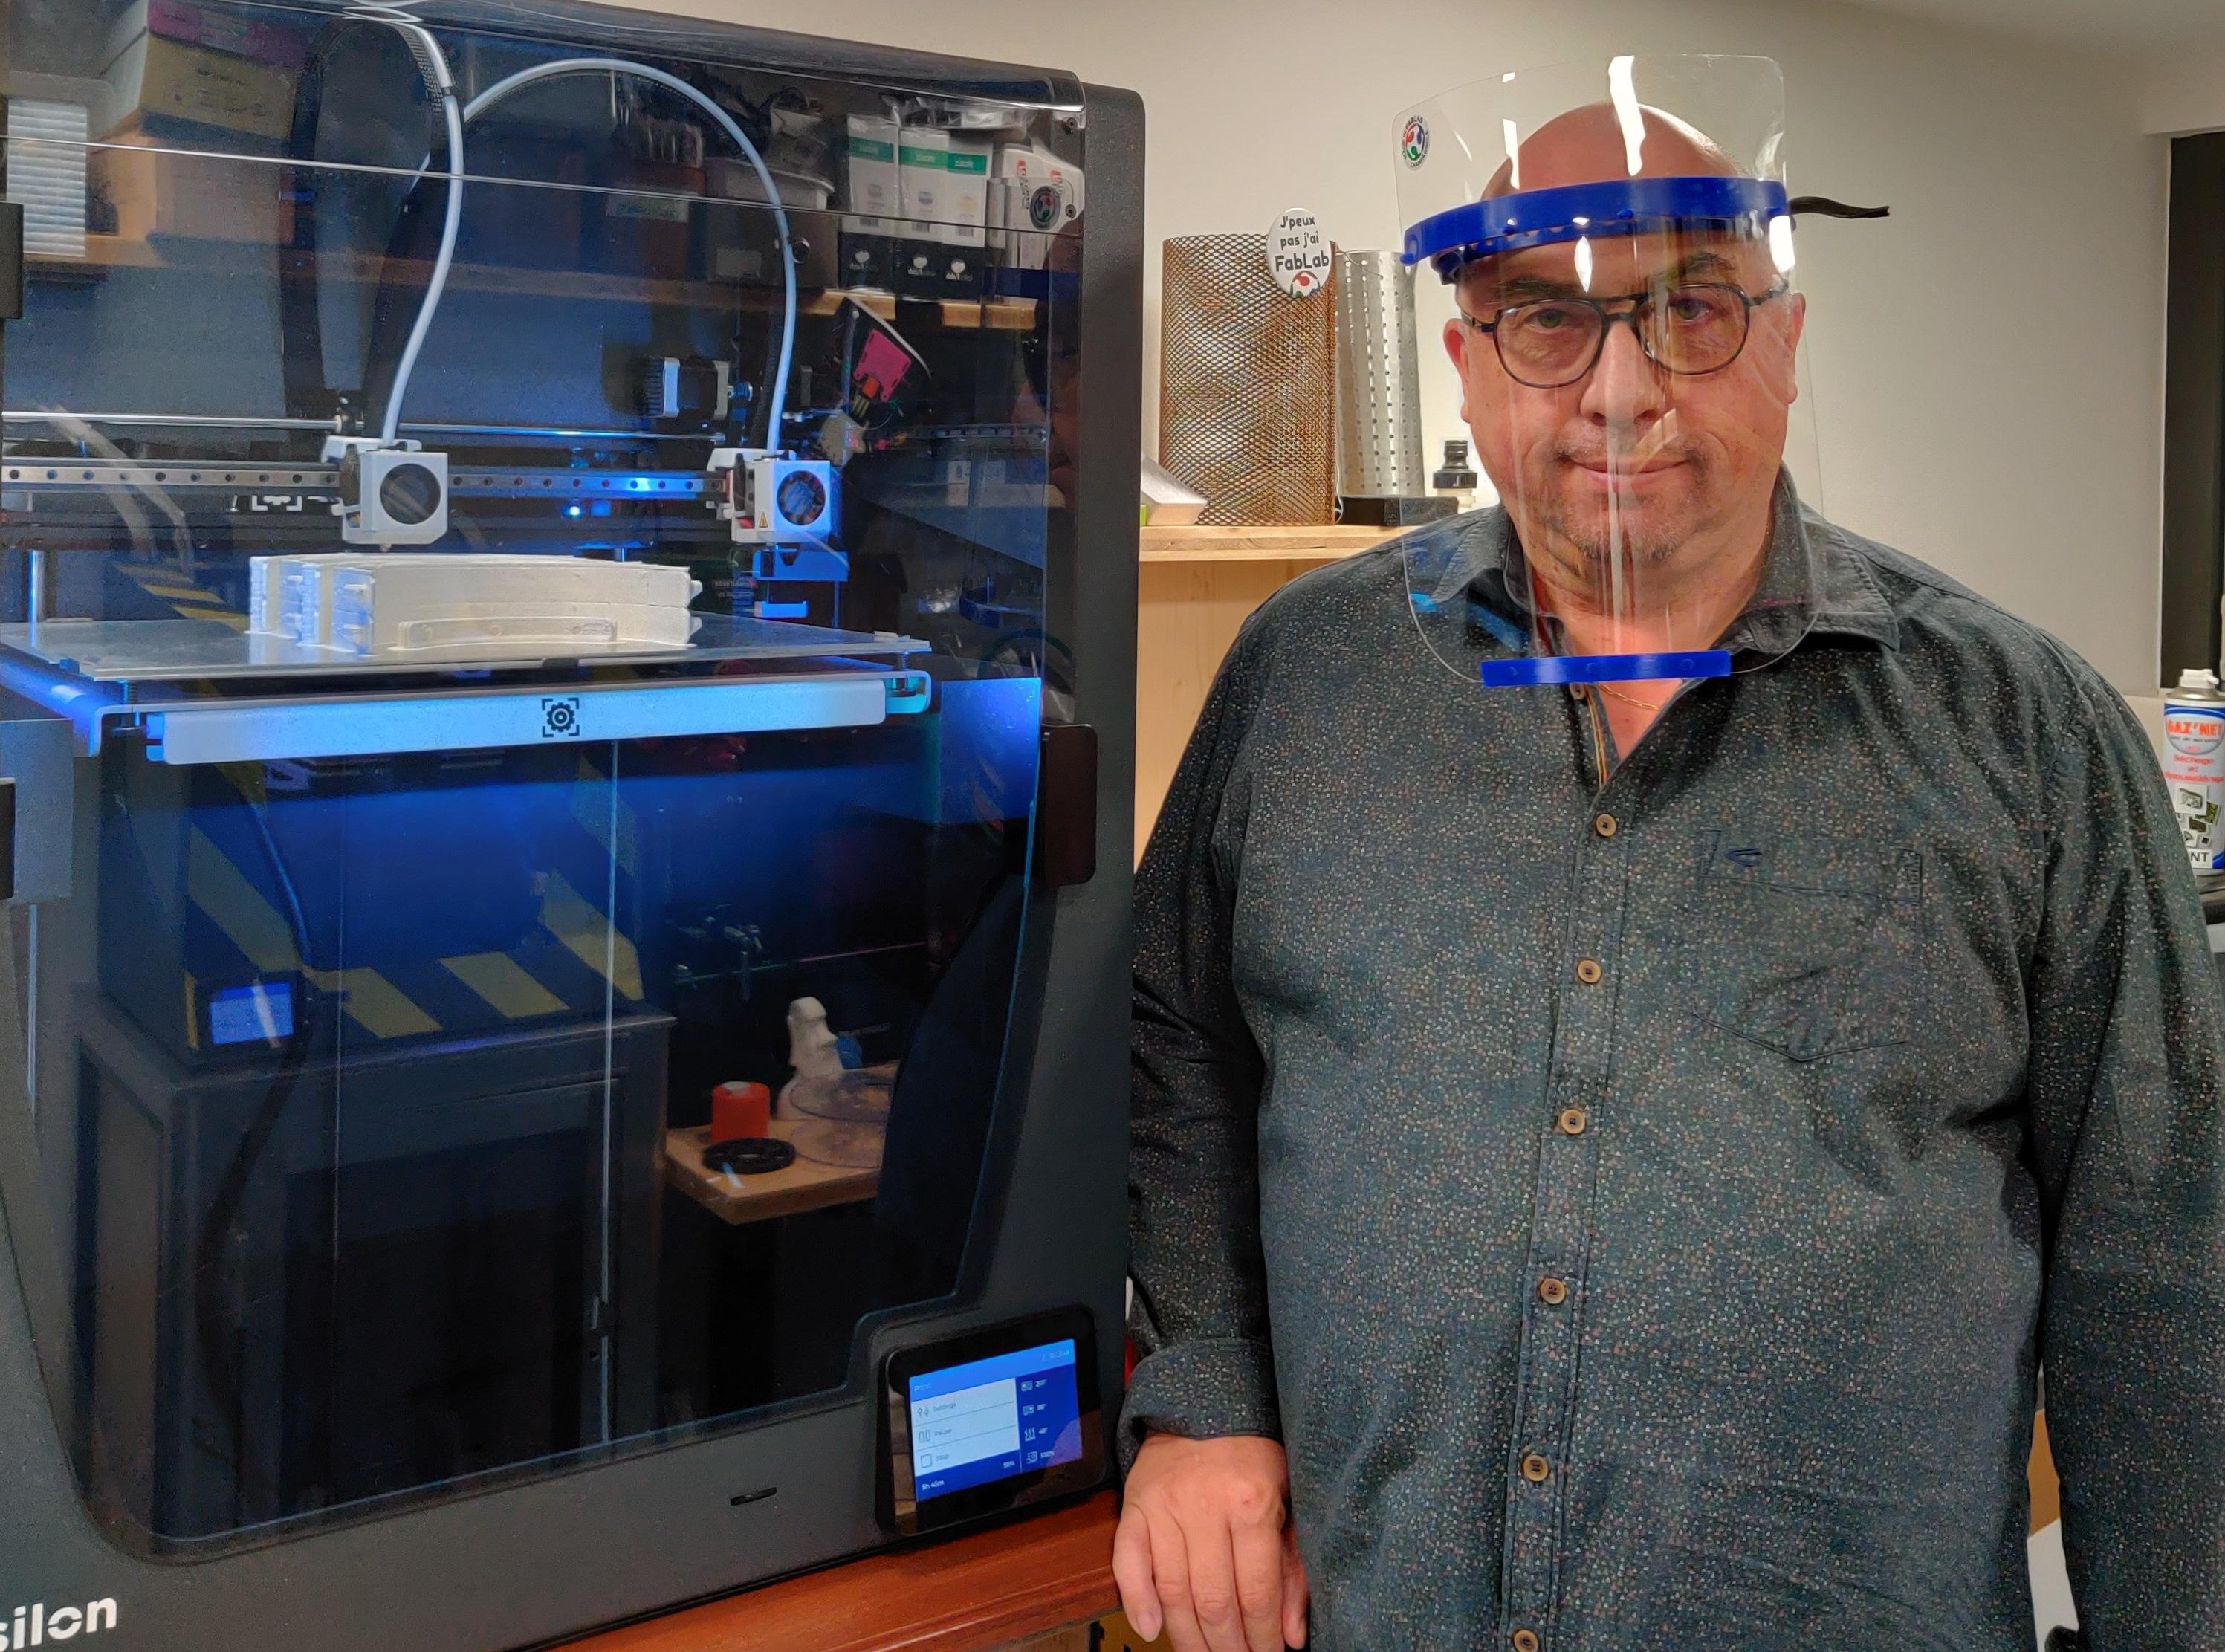 Alain Gicquaire, président du Fablab de Champagnole, devant son imprimante 3D - Photo DR